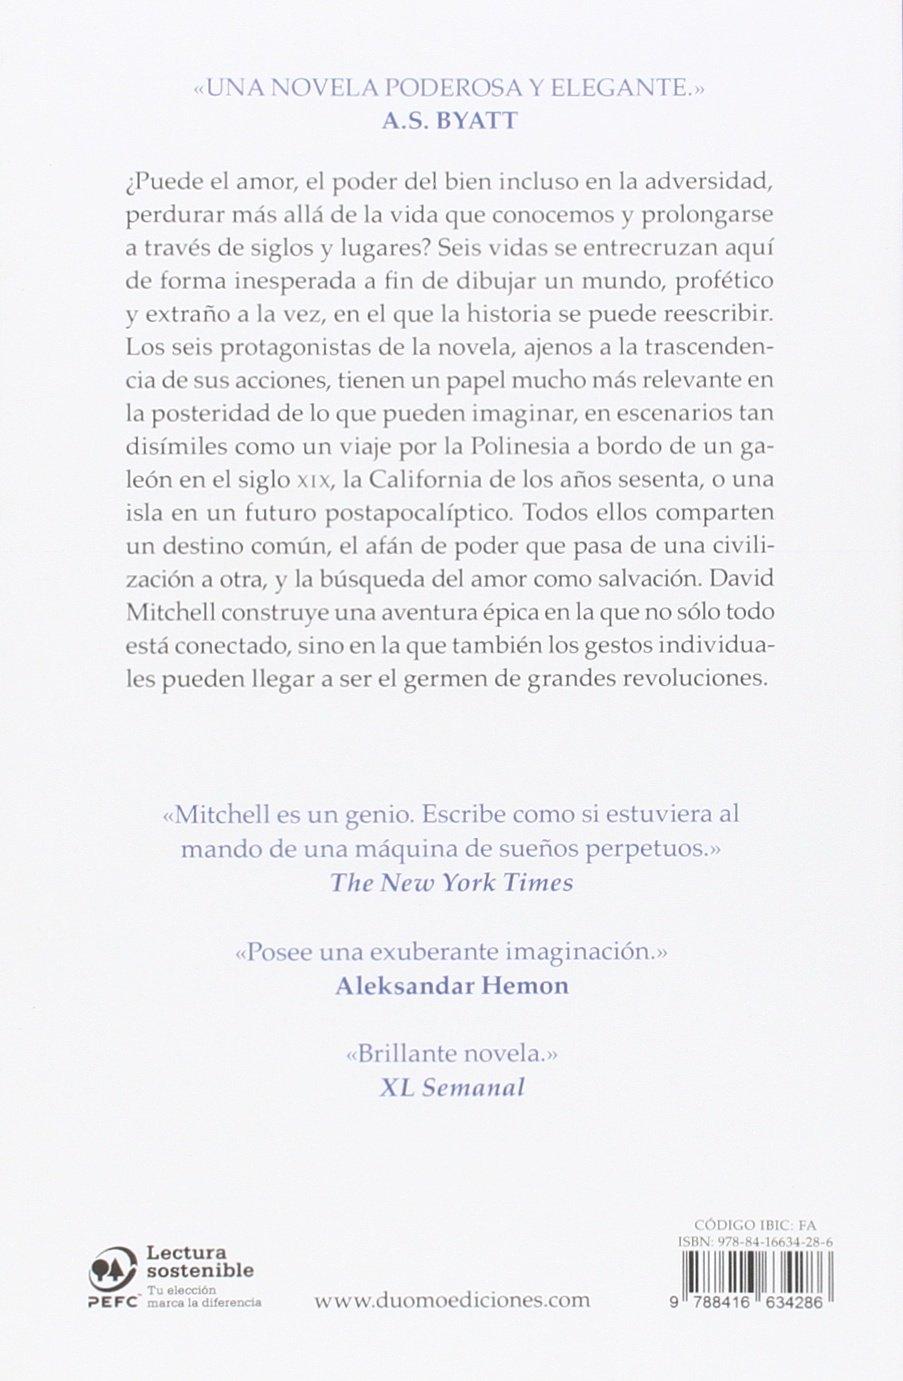 ¿RECOMENDACIONES DE NOVELAS DE FICCION? 71bGksn7u9L